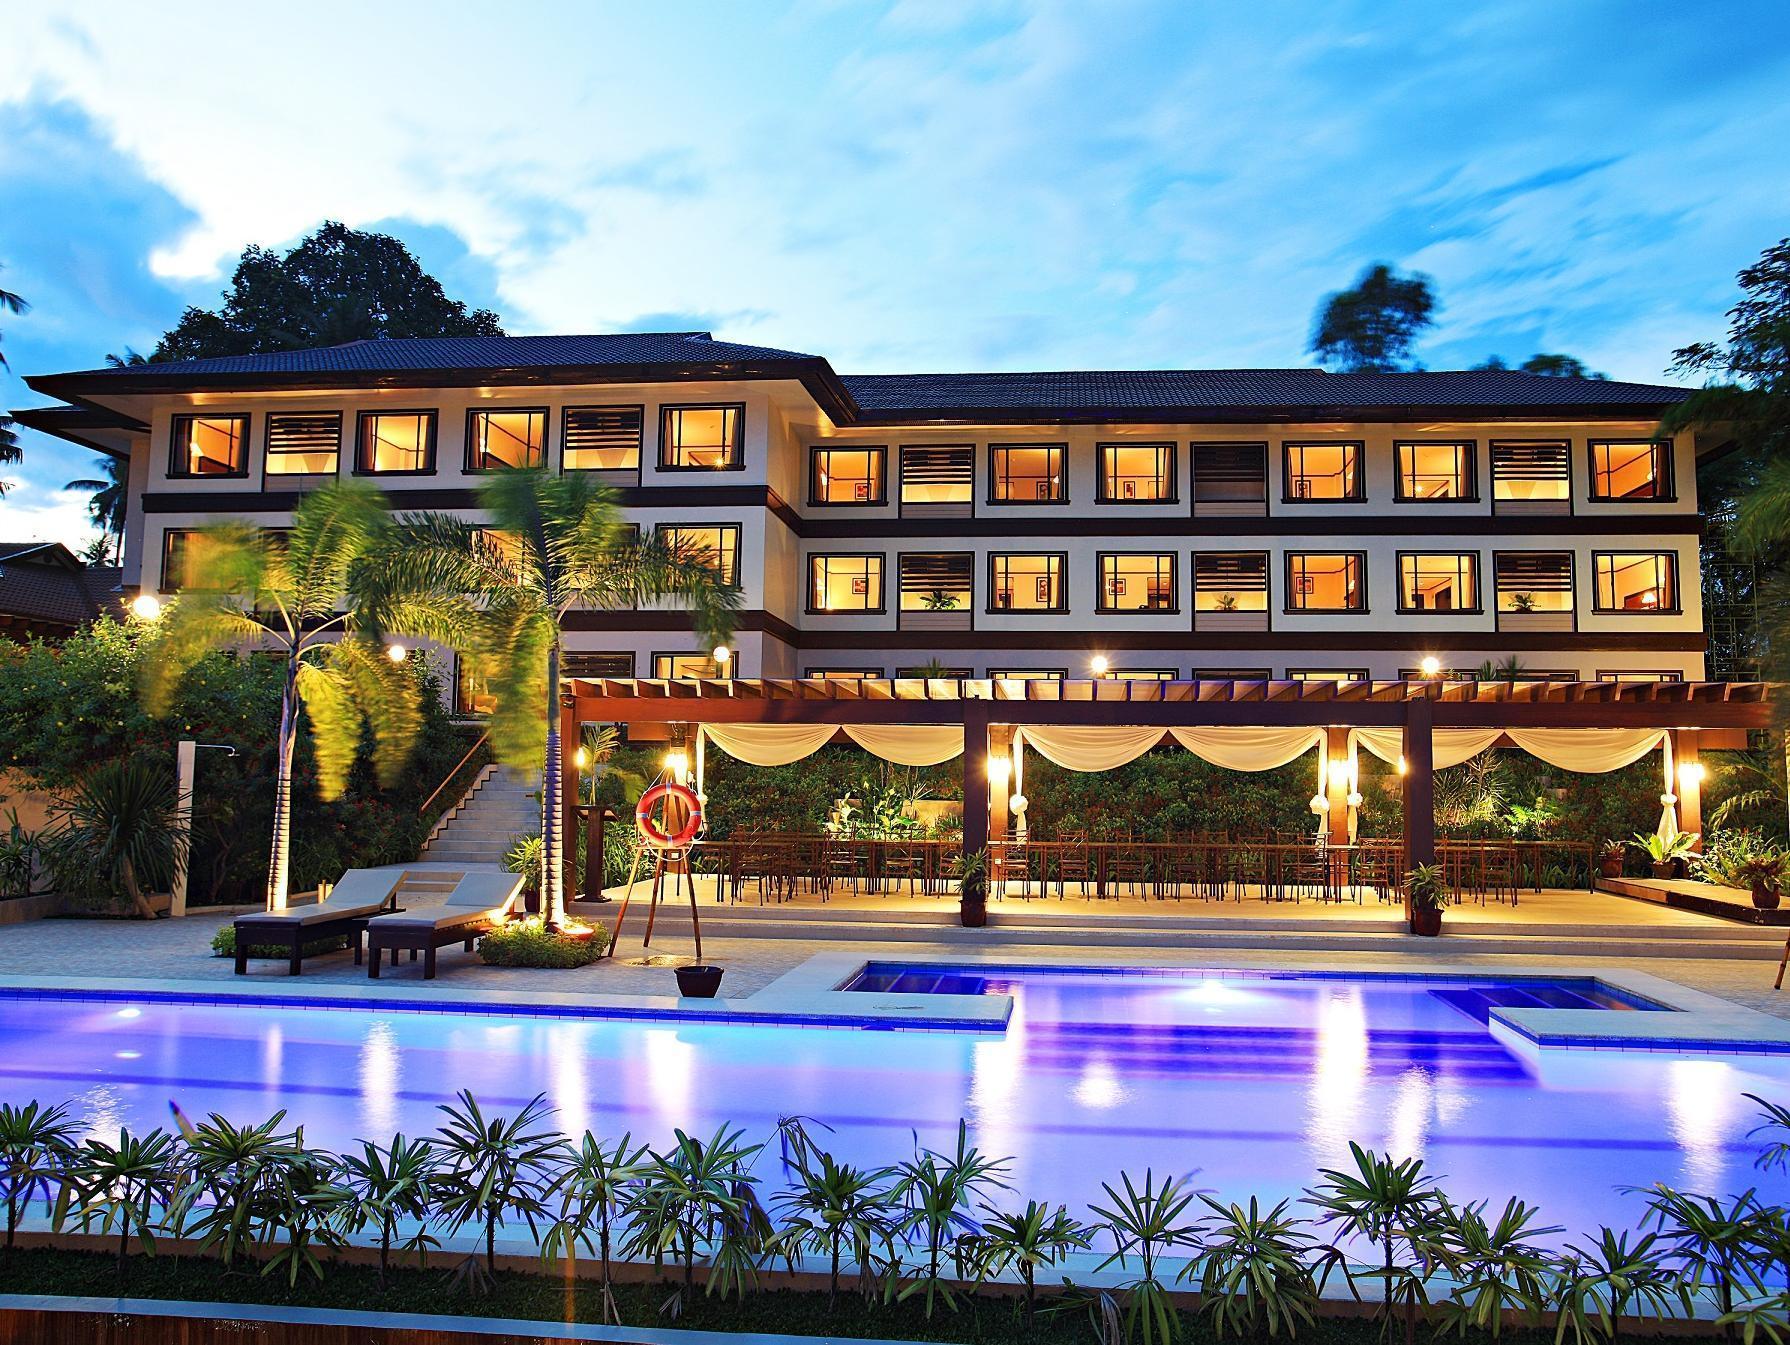 热带酒店 达沃市